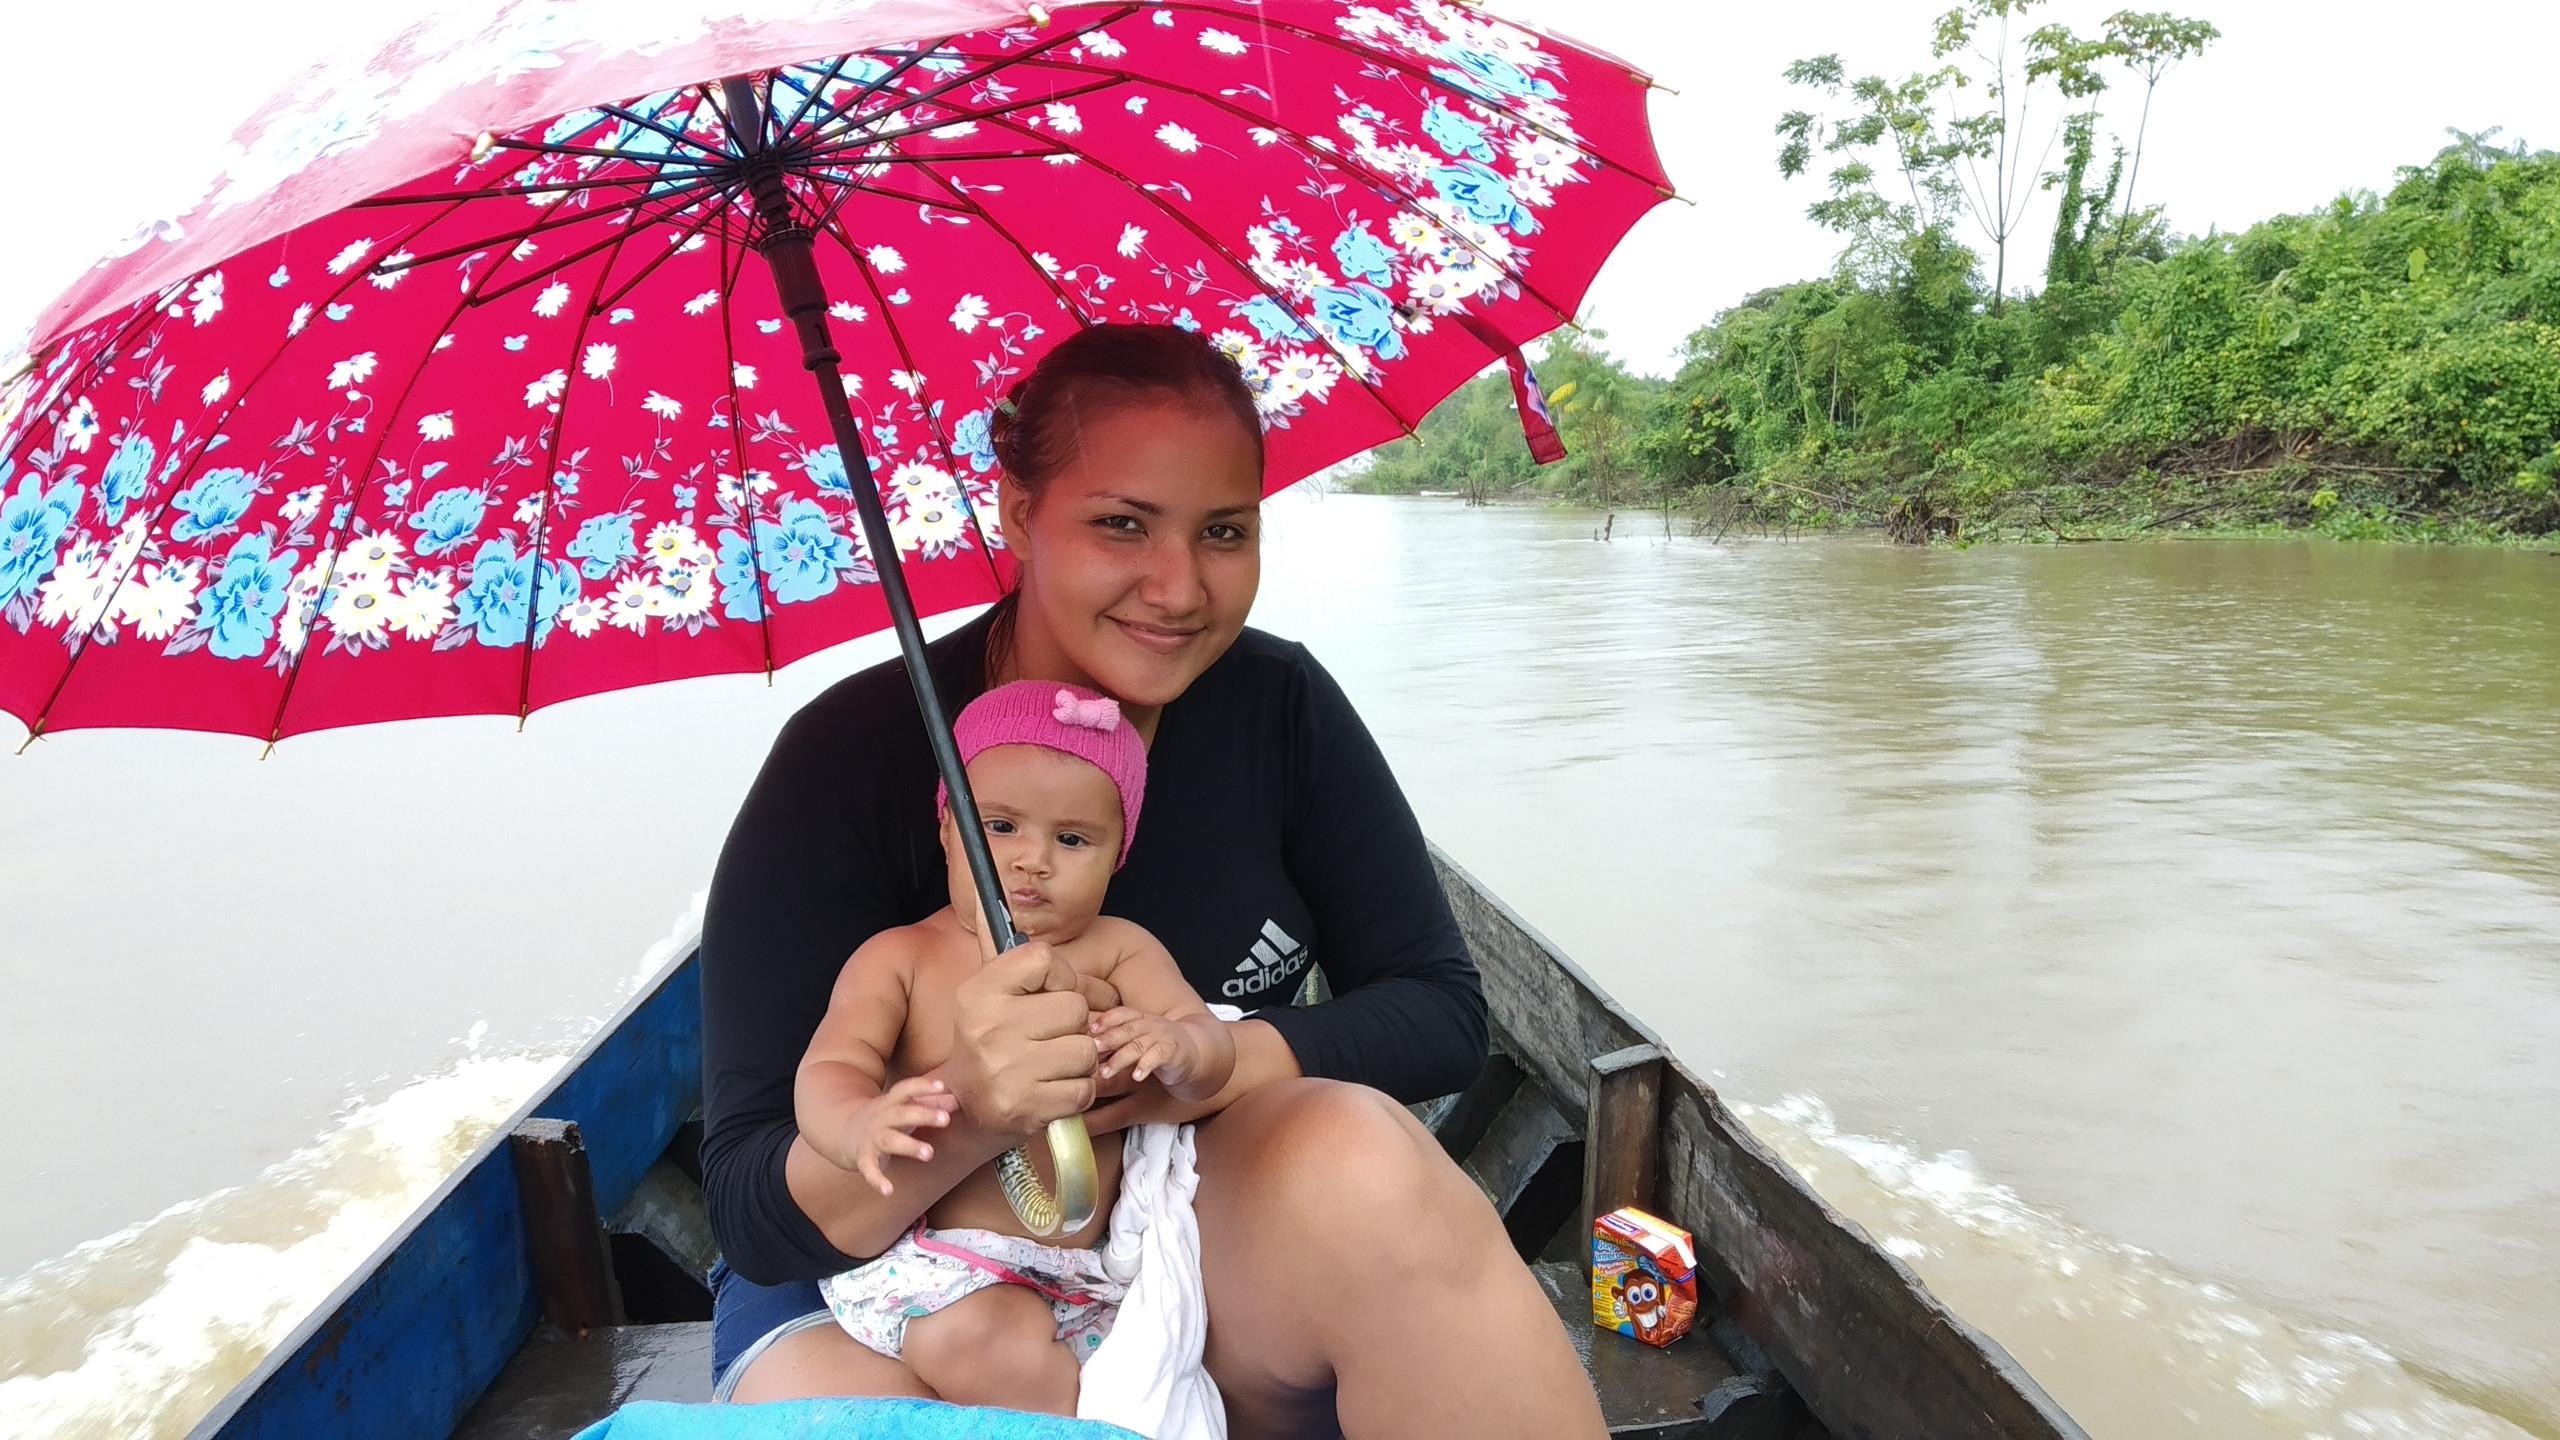 Rapeta e voadera são pequenos barcos usados pelos moradores para se transportarem entrem as comunidades